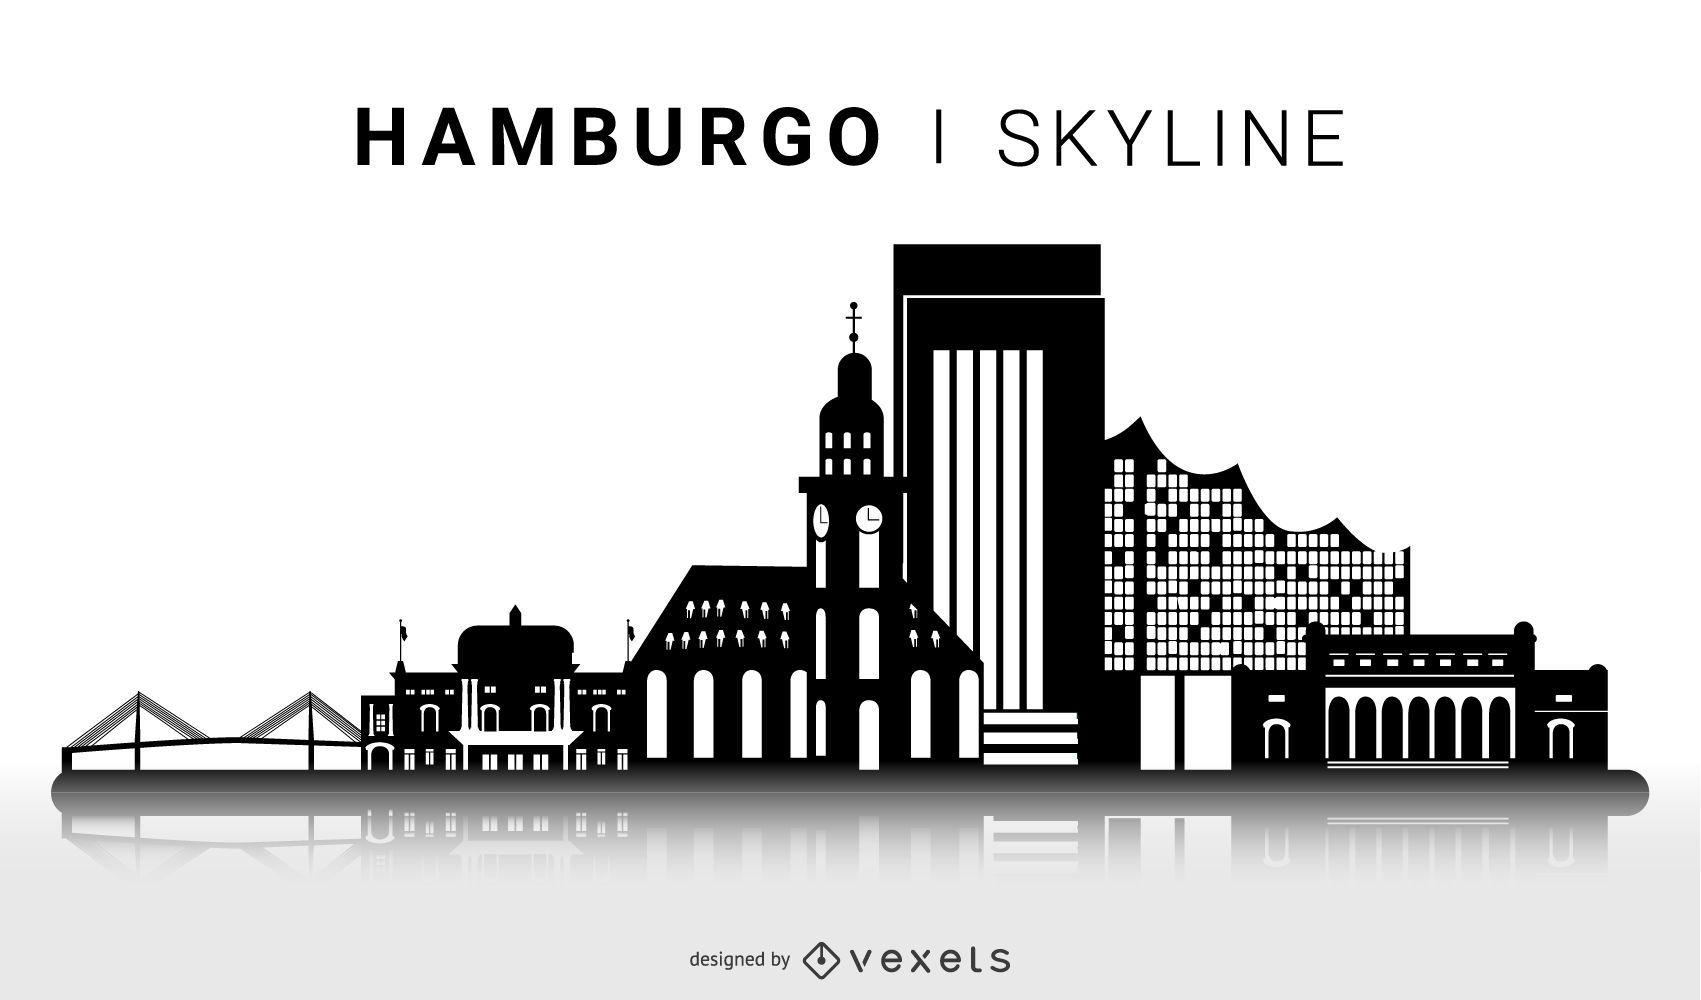 Diseño de horizonte de silueta de Hamburgo